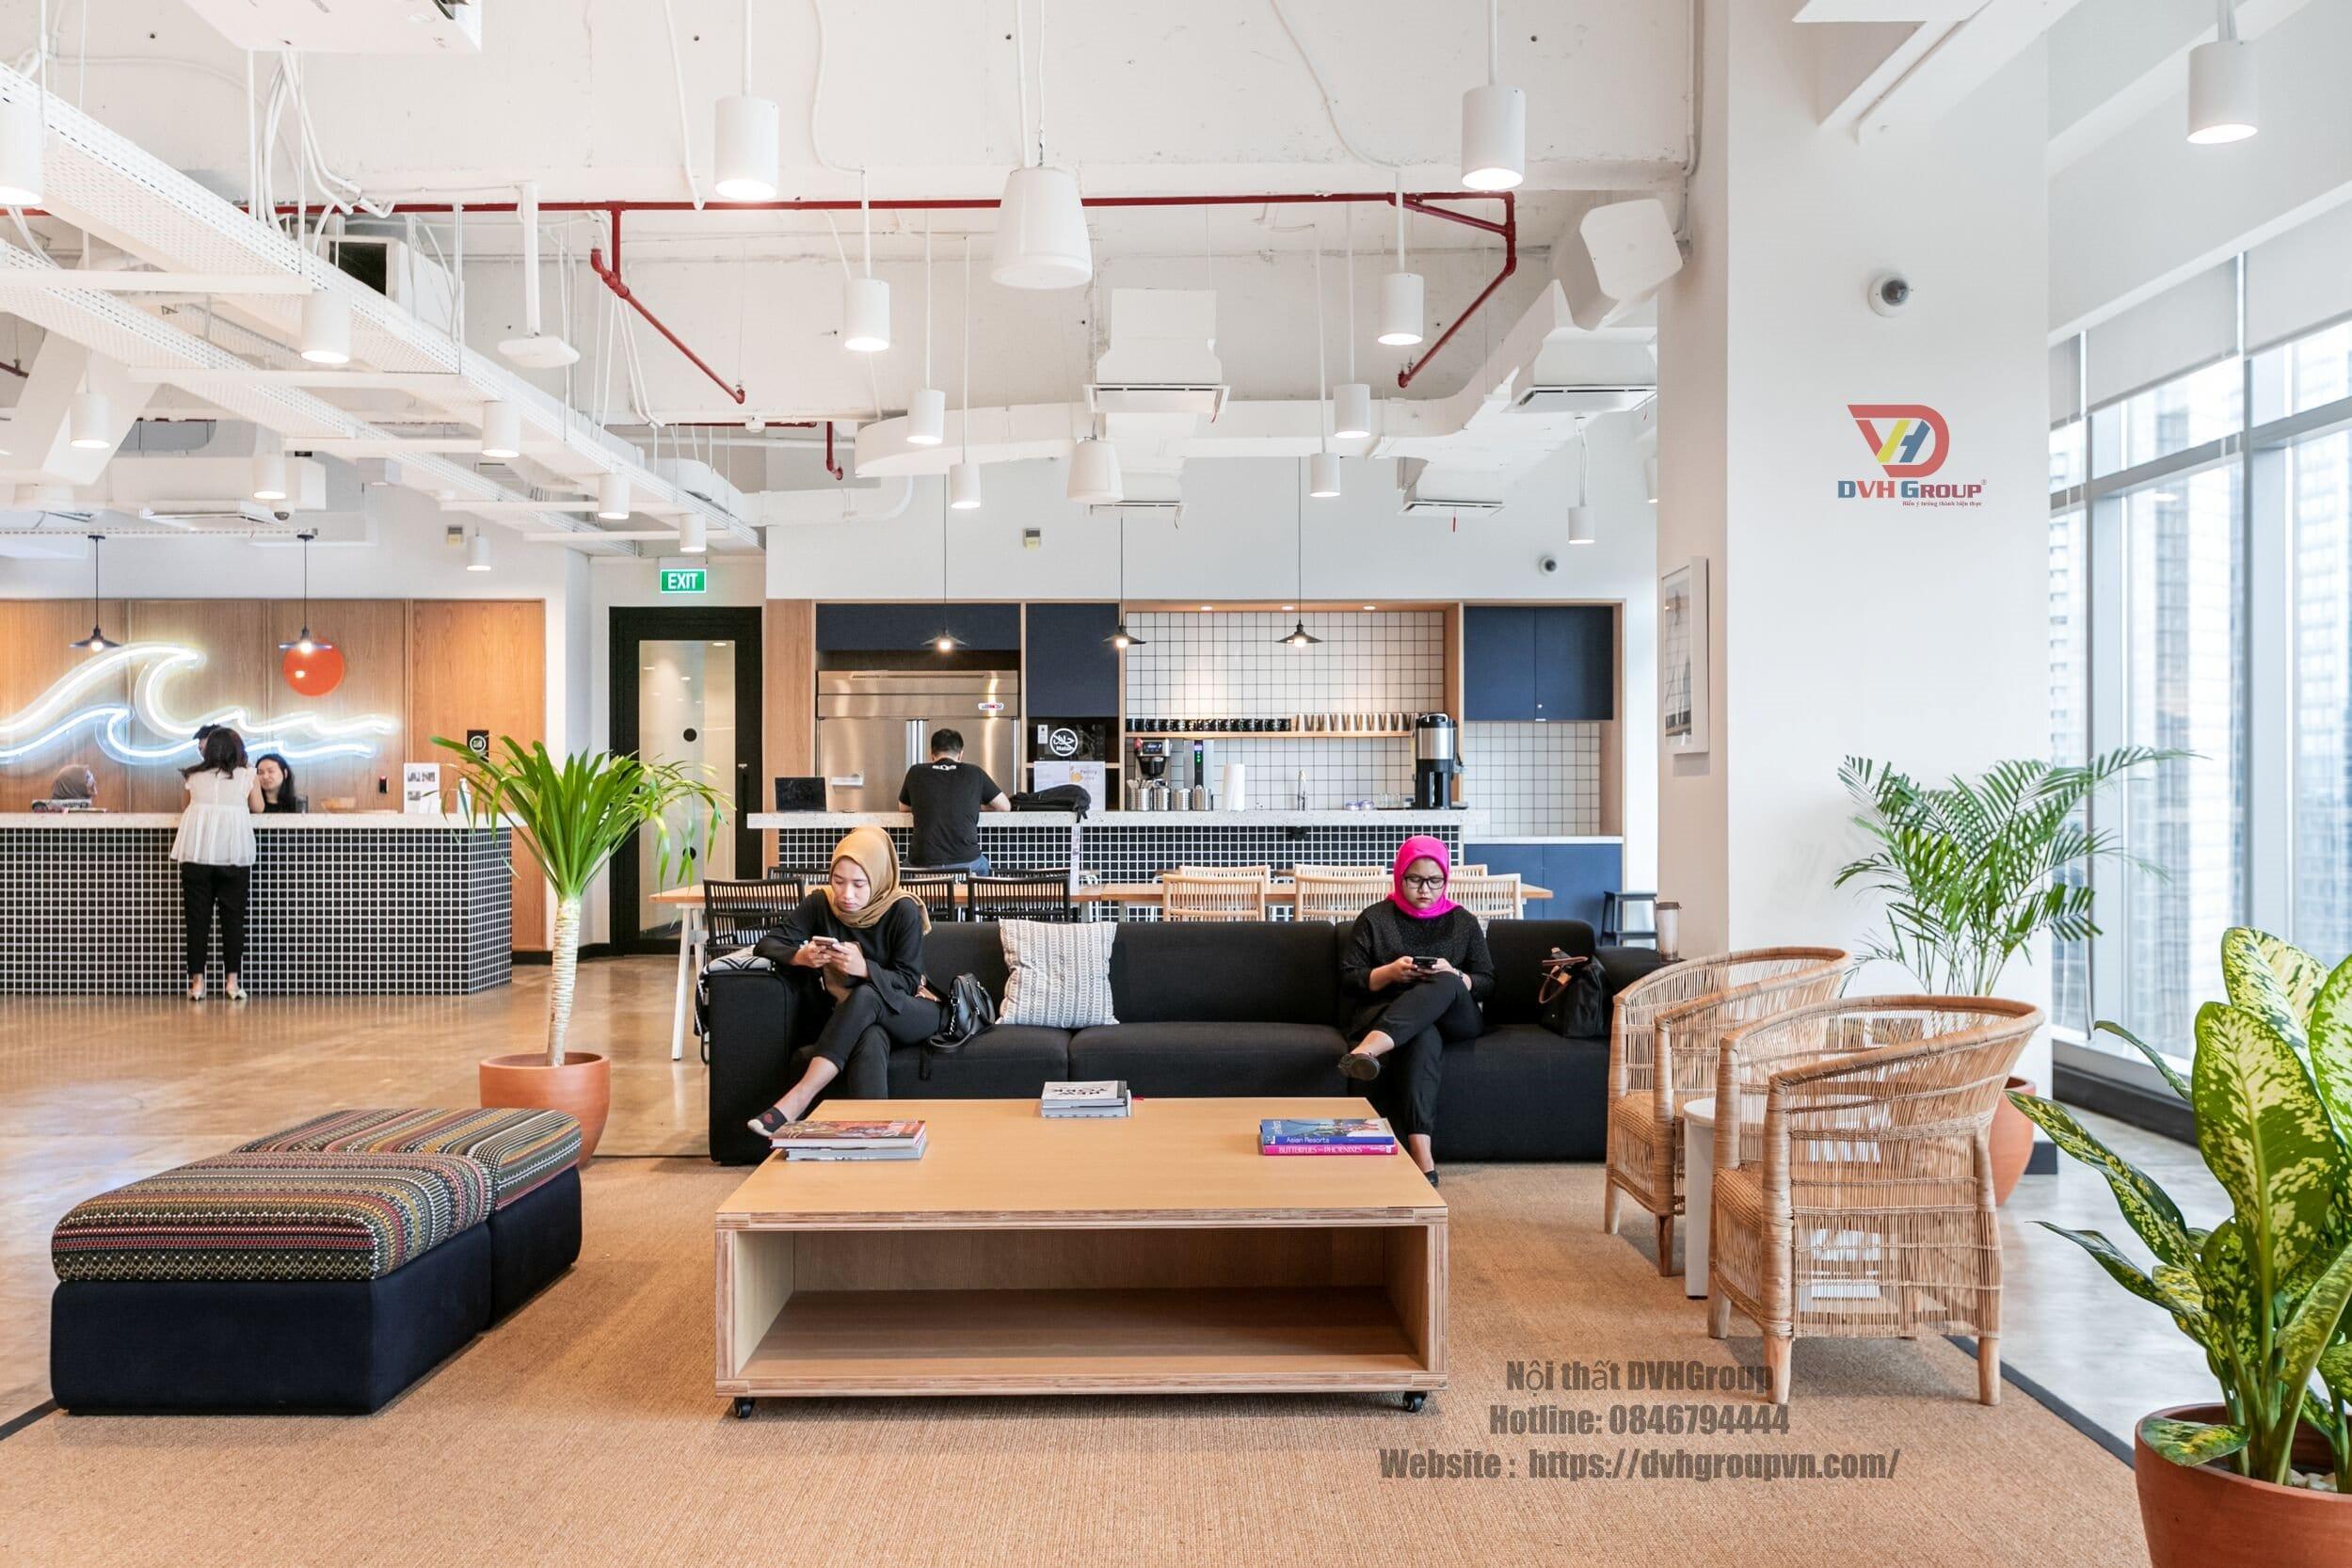 Thiết kế nội thất văn phòng phải phù hợp với văn hóa của công ty